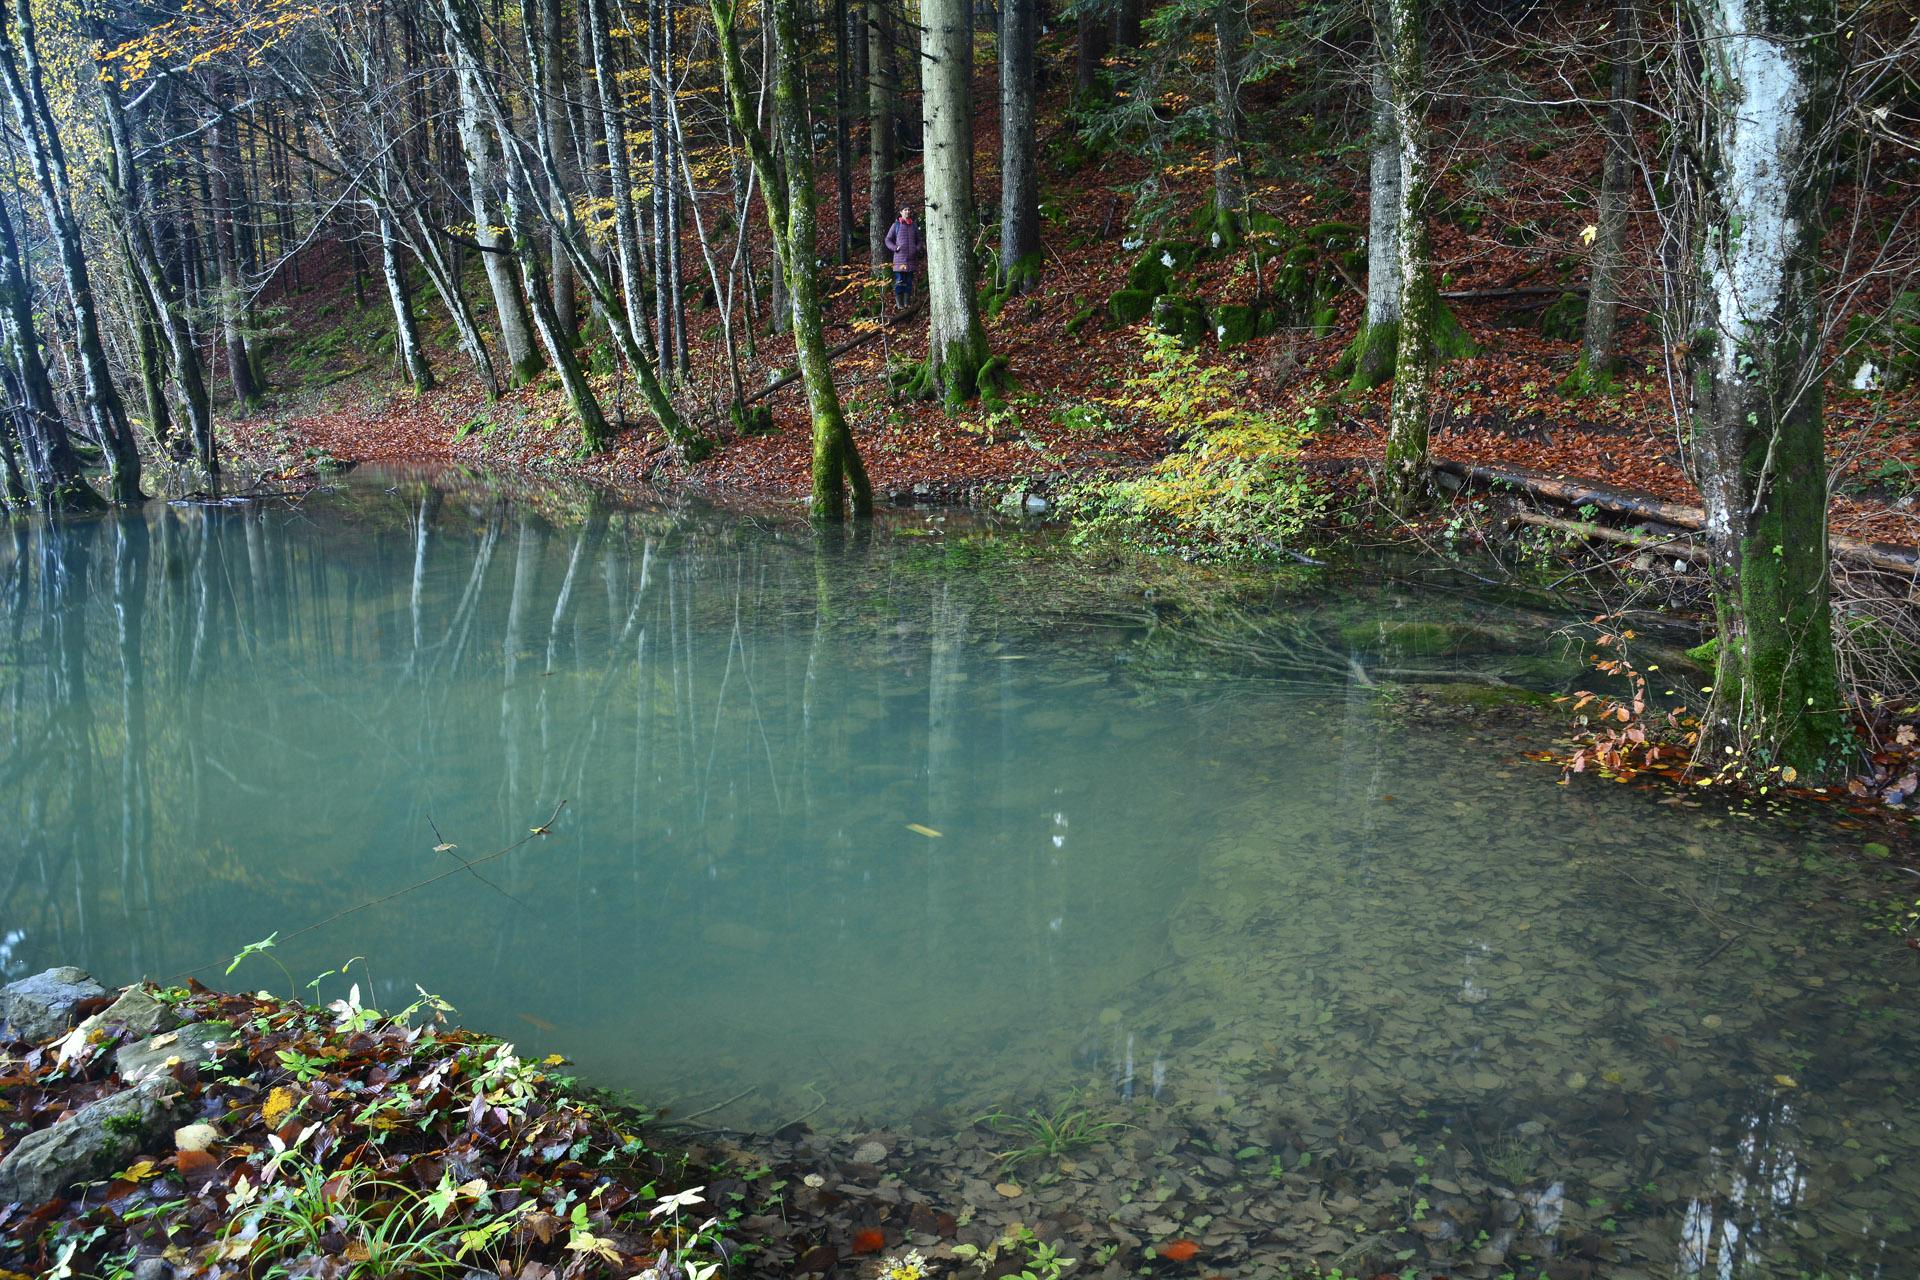 Mokrišča s svojo zalogo vode blagodejno vplivajo na podnebje v okolici in blažijo velika temperaturna nihanja in ekstremne vremenske pojave, kot so suše in toča. Foto: Jošt Stergaršek